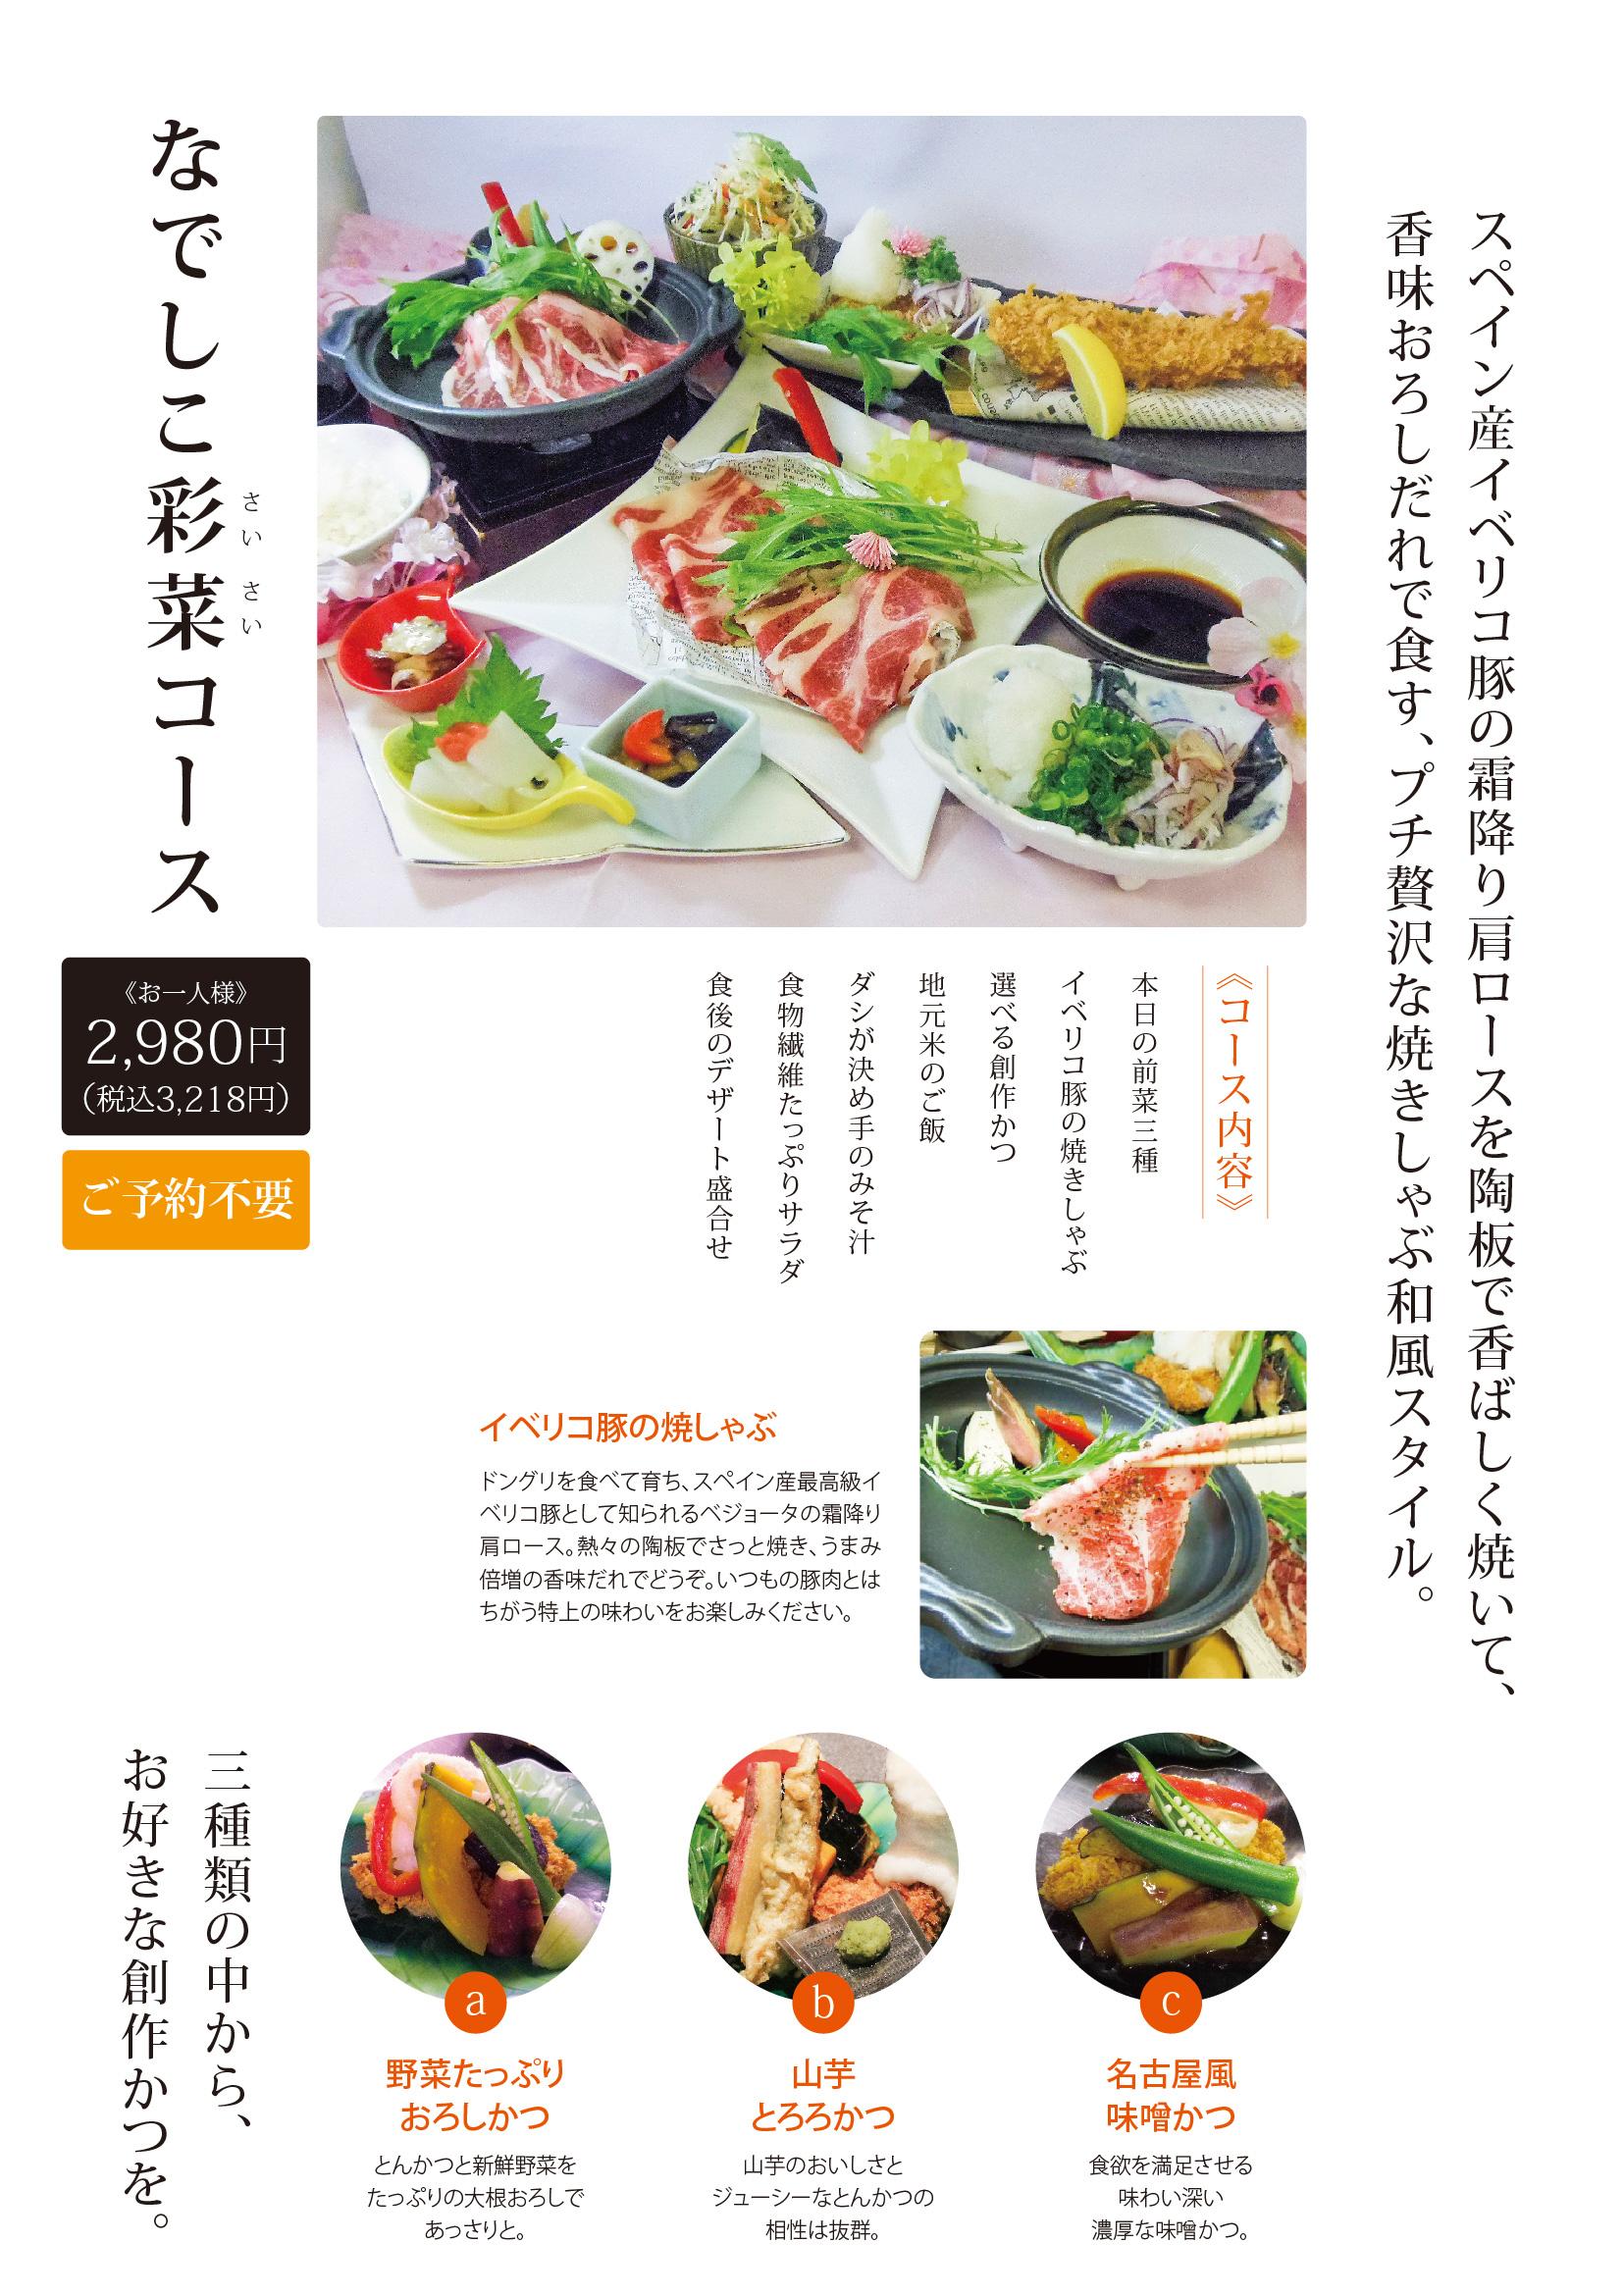 春夏ディナーメニューデザイン02